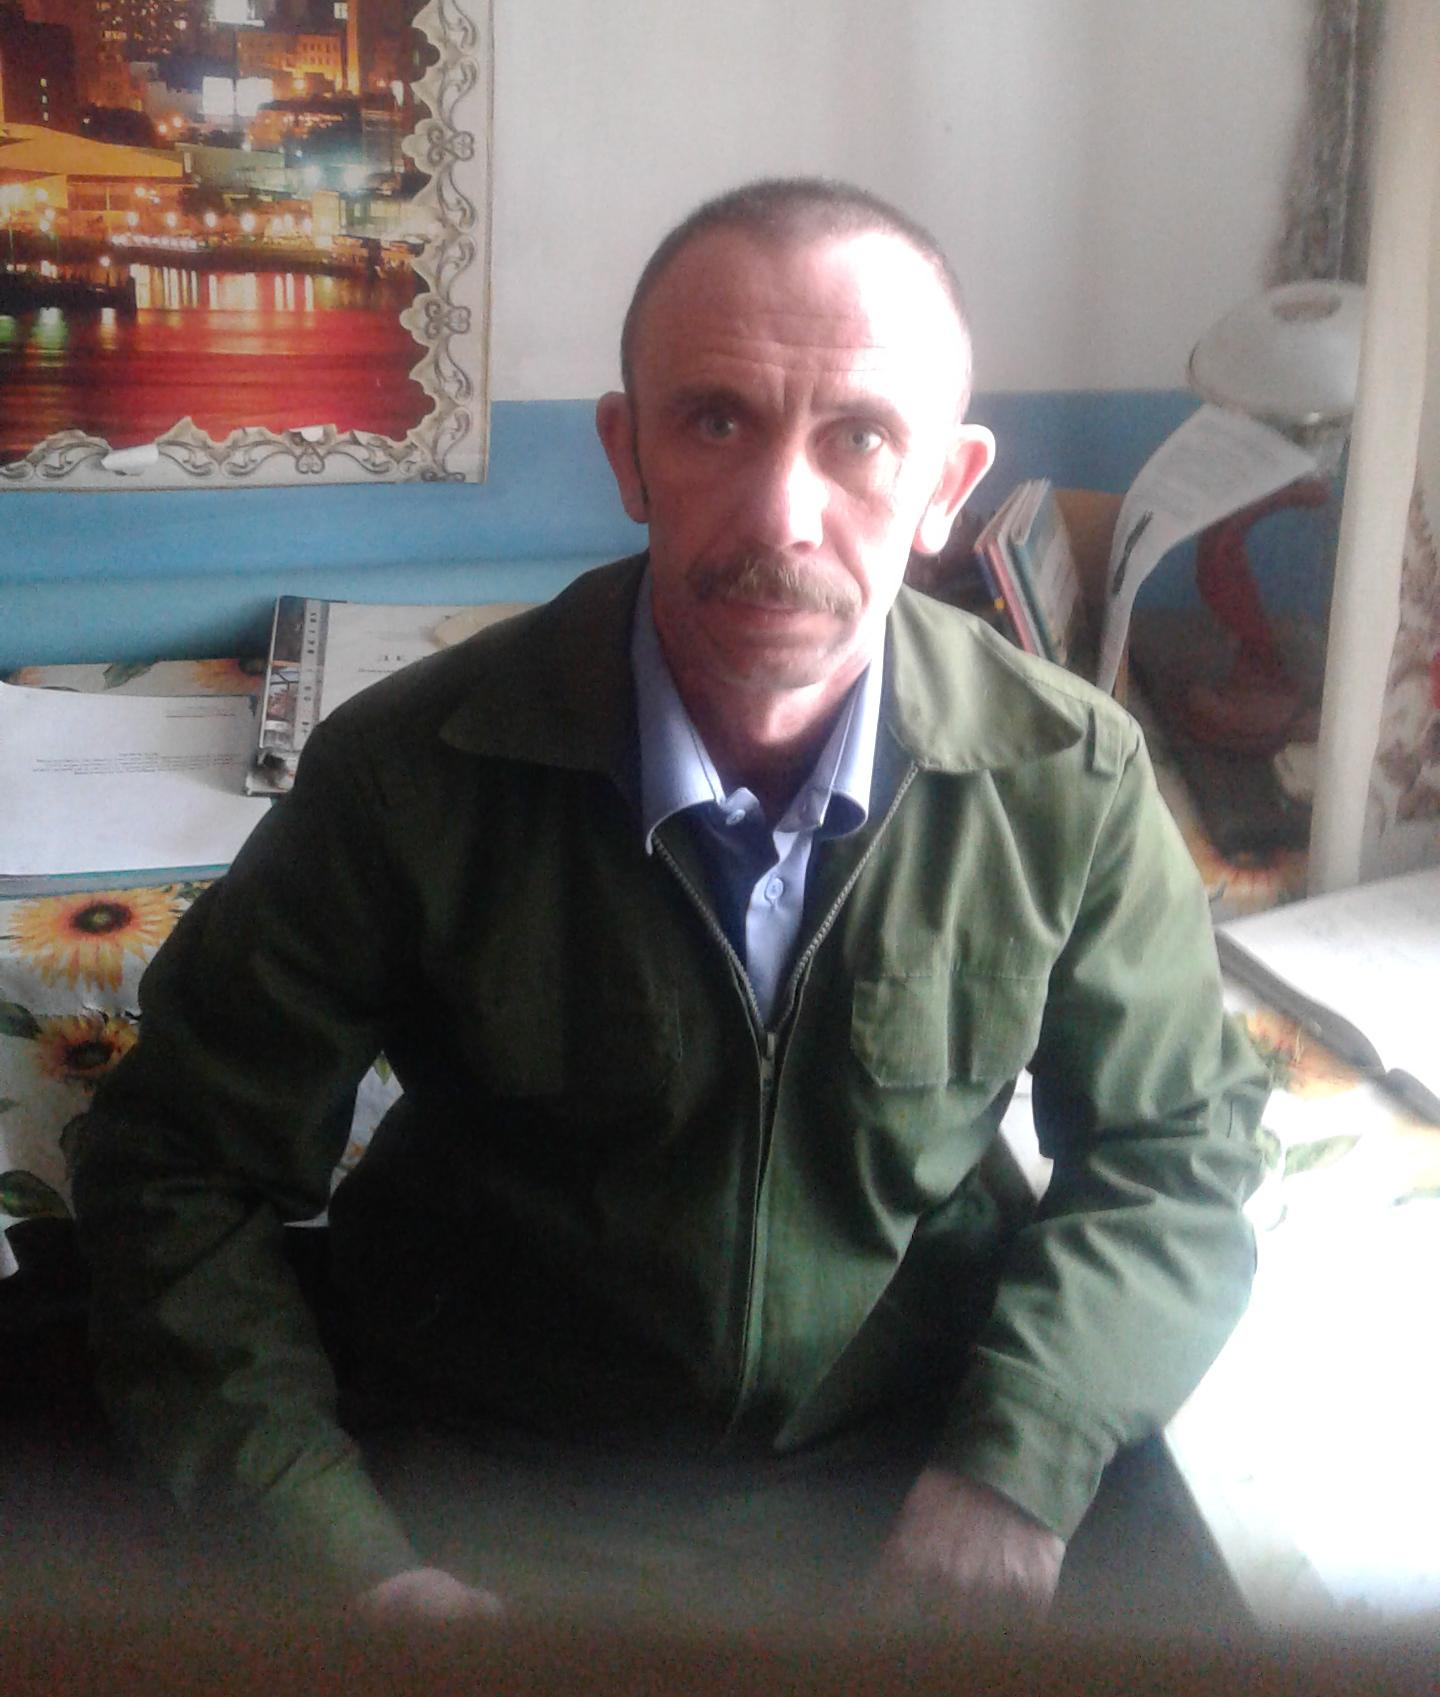 Командир отделения пожарной части из пос. Амазар Забайкалья объявил голодовку